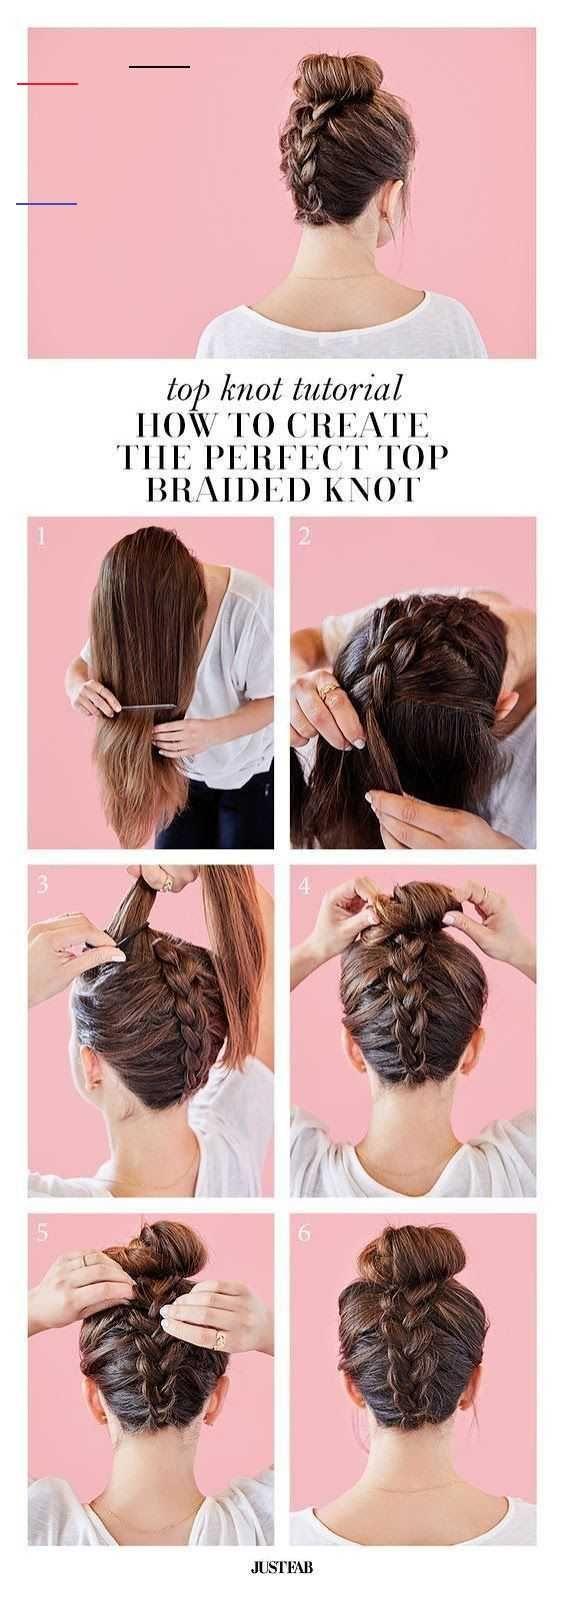 10 Einfache Frisuren Schritt für Schritt DIY - Hair  Dessertpin